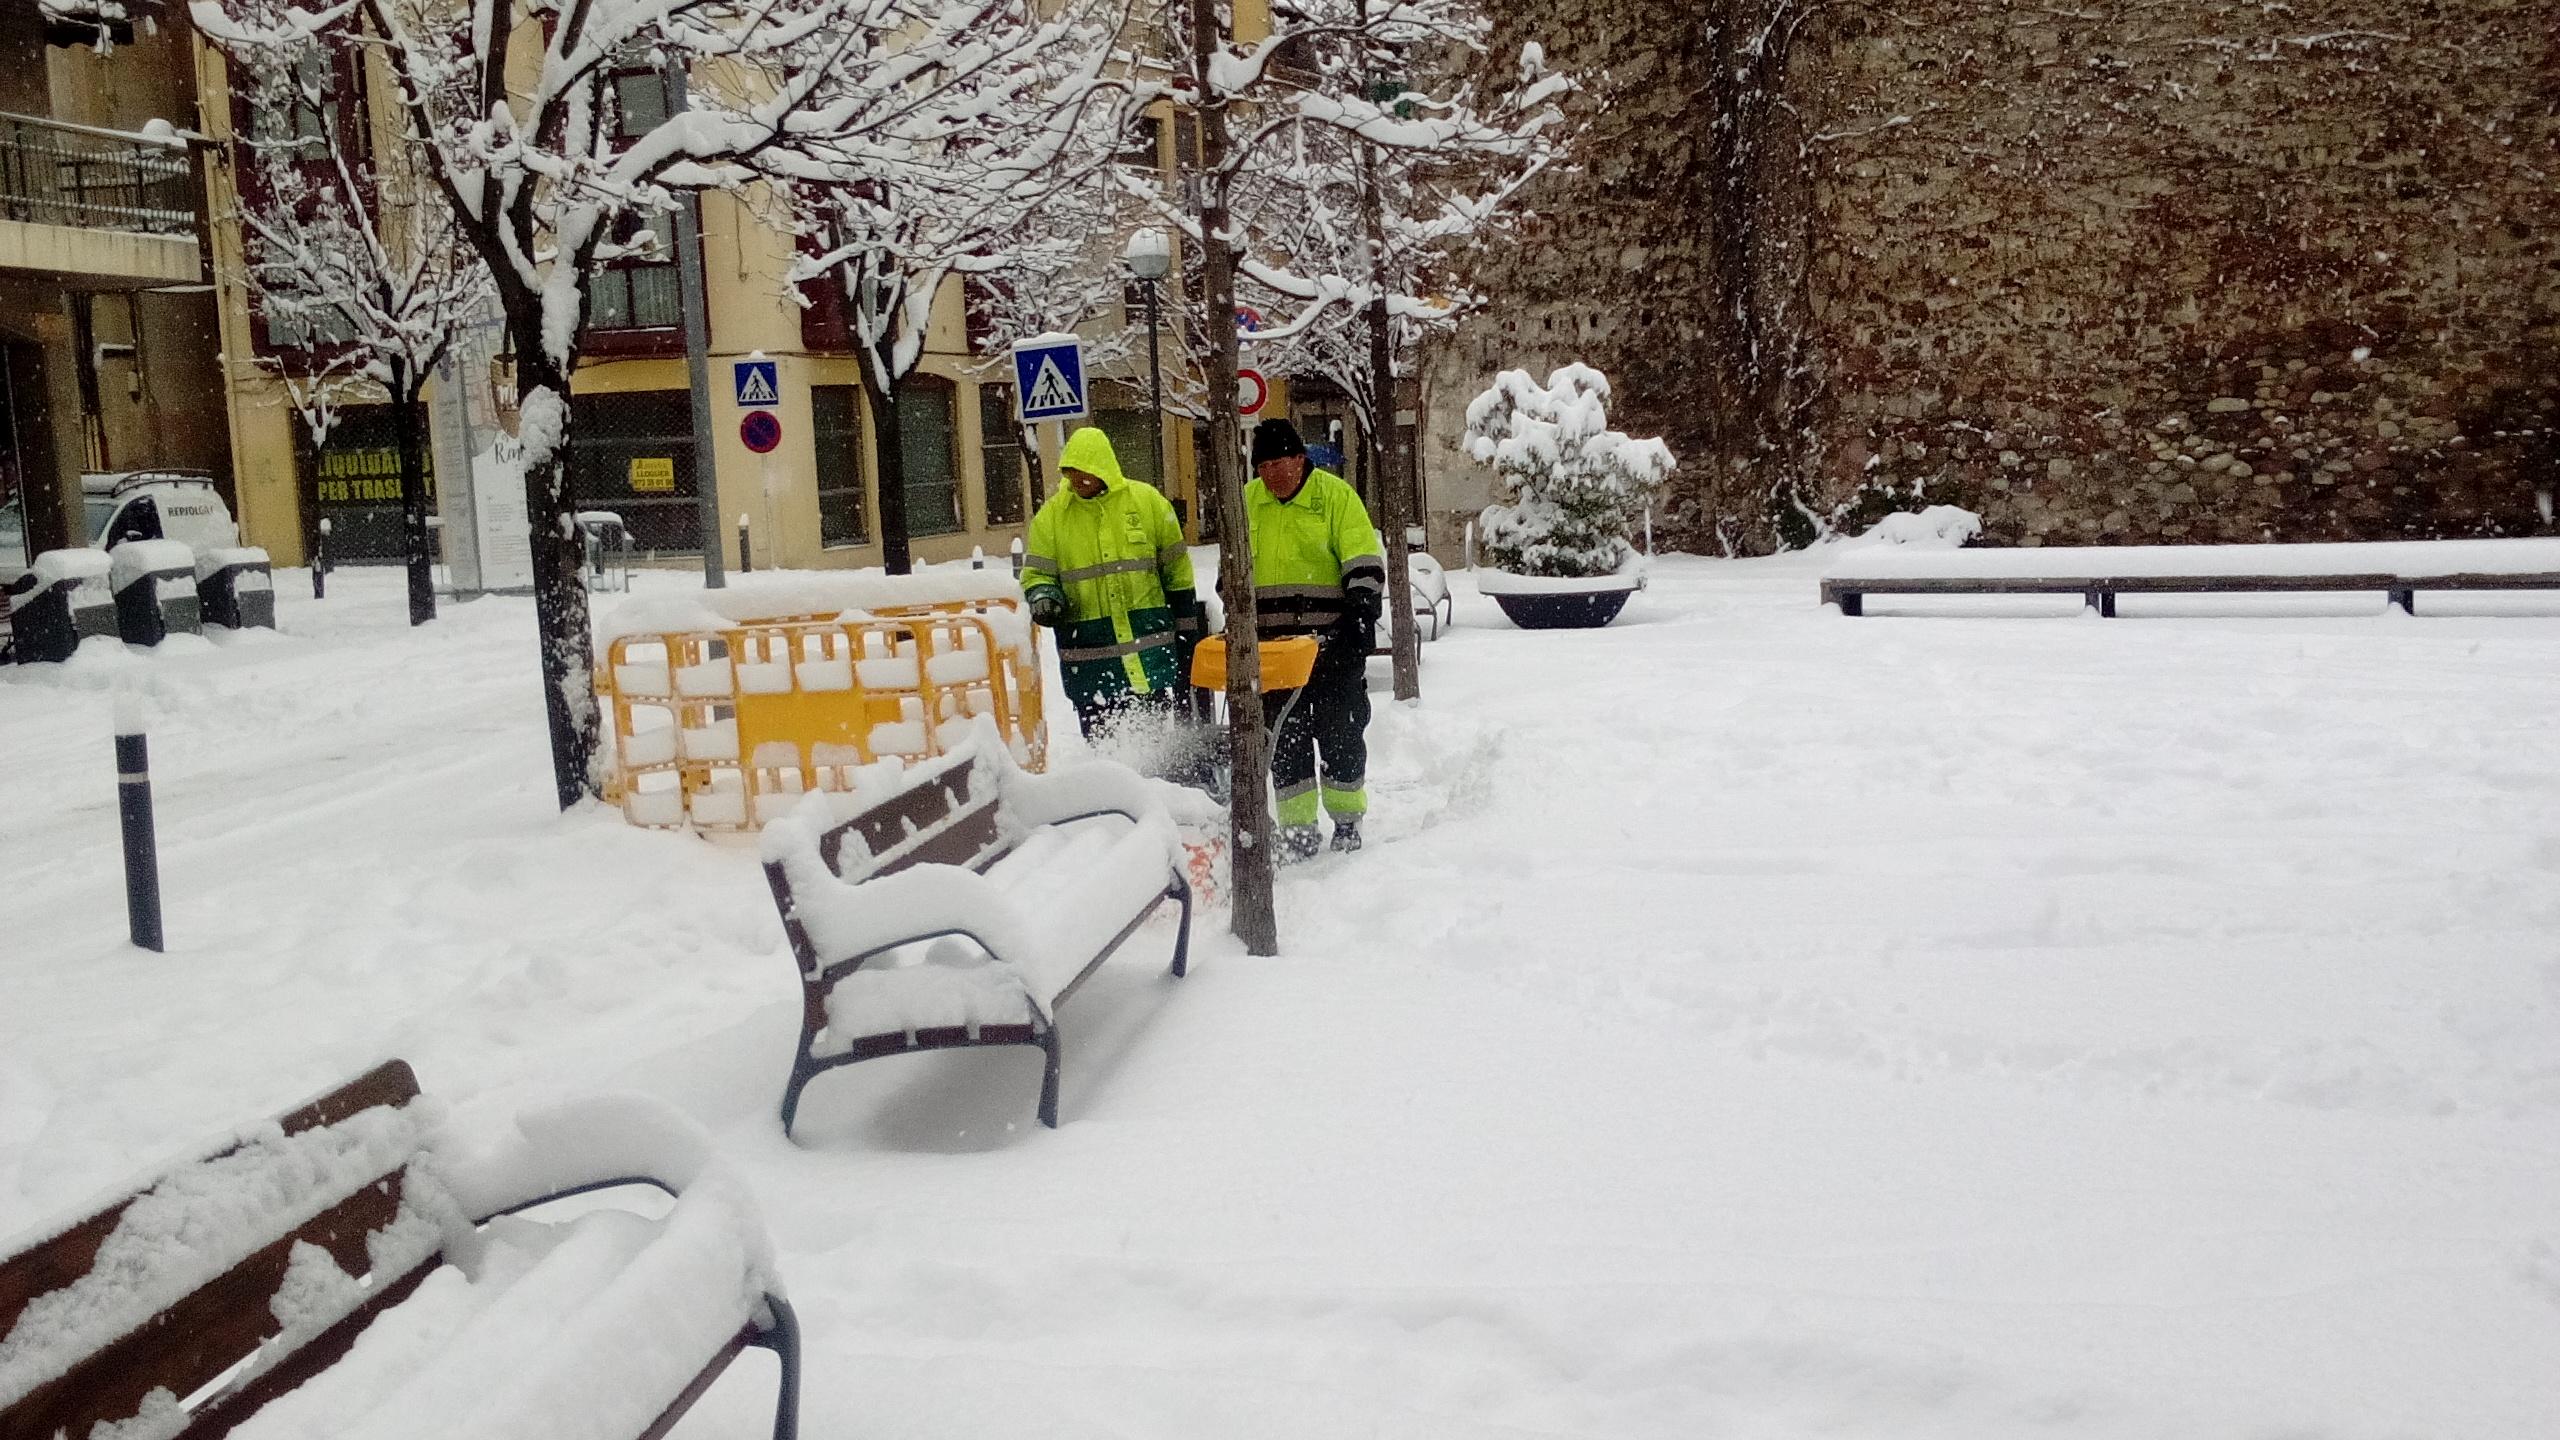 Els operaris denuncien roba i calçat inadequat per retirar la neu de la Seu d'Urgell